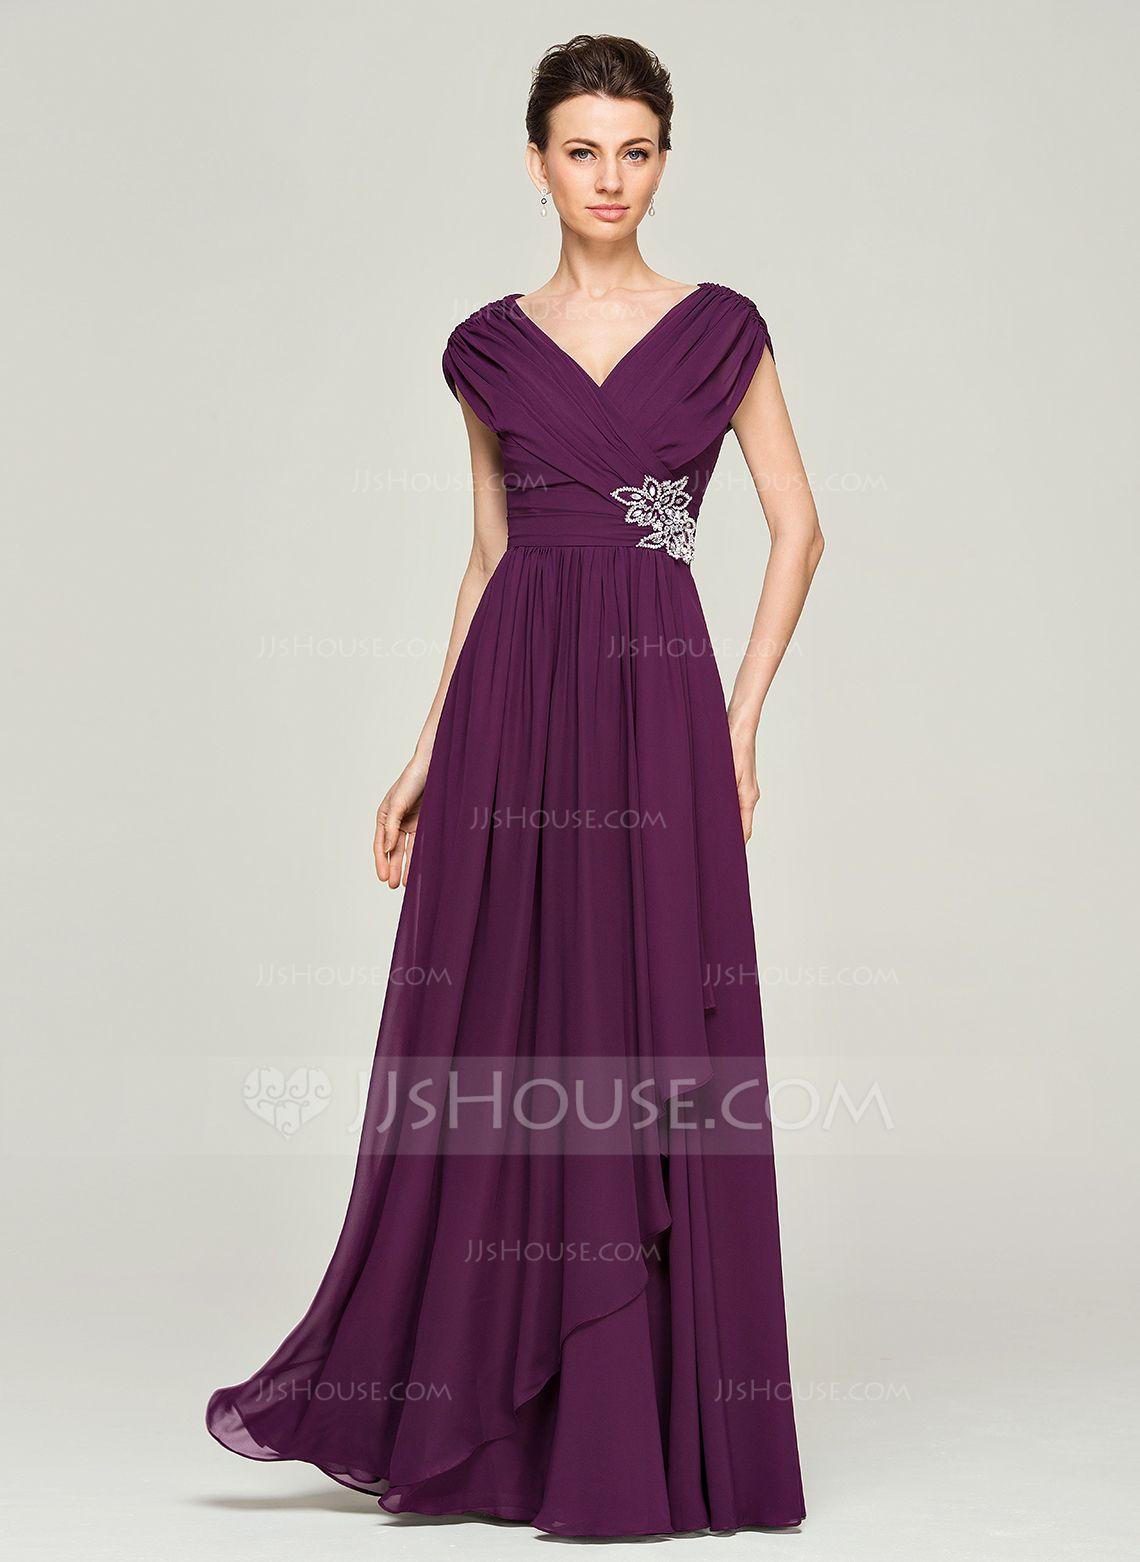 Imagen relacionada | vestidos para Lulú | Pinterest | Vestiditos ...